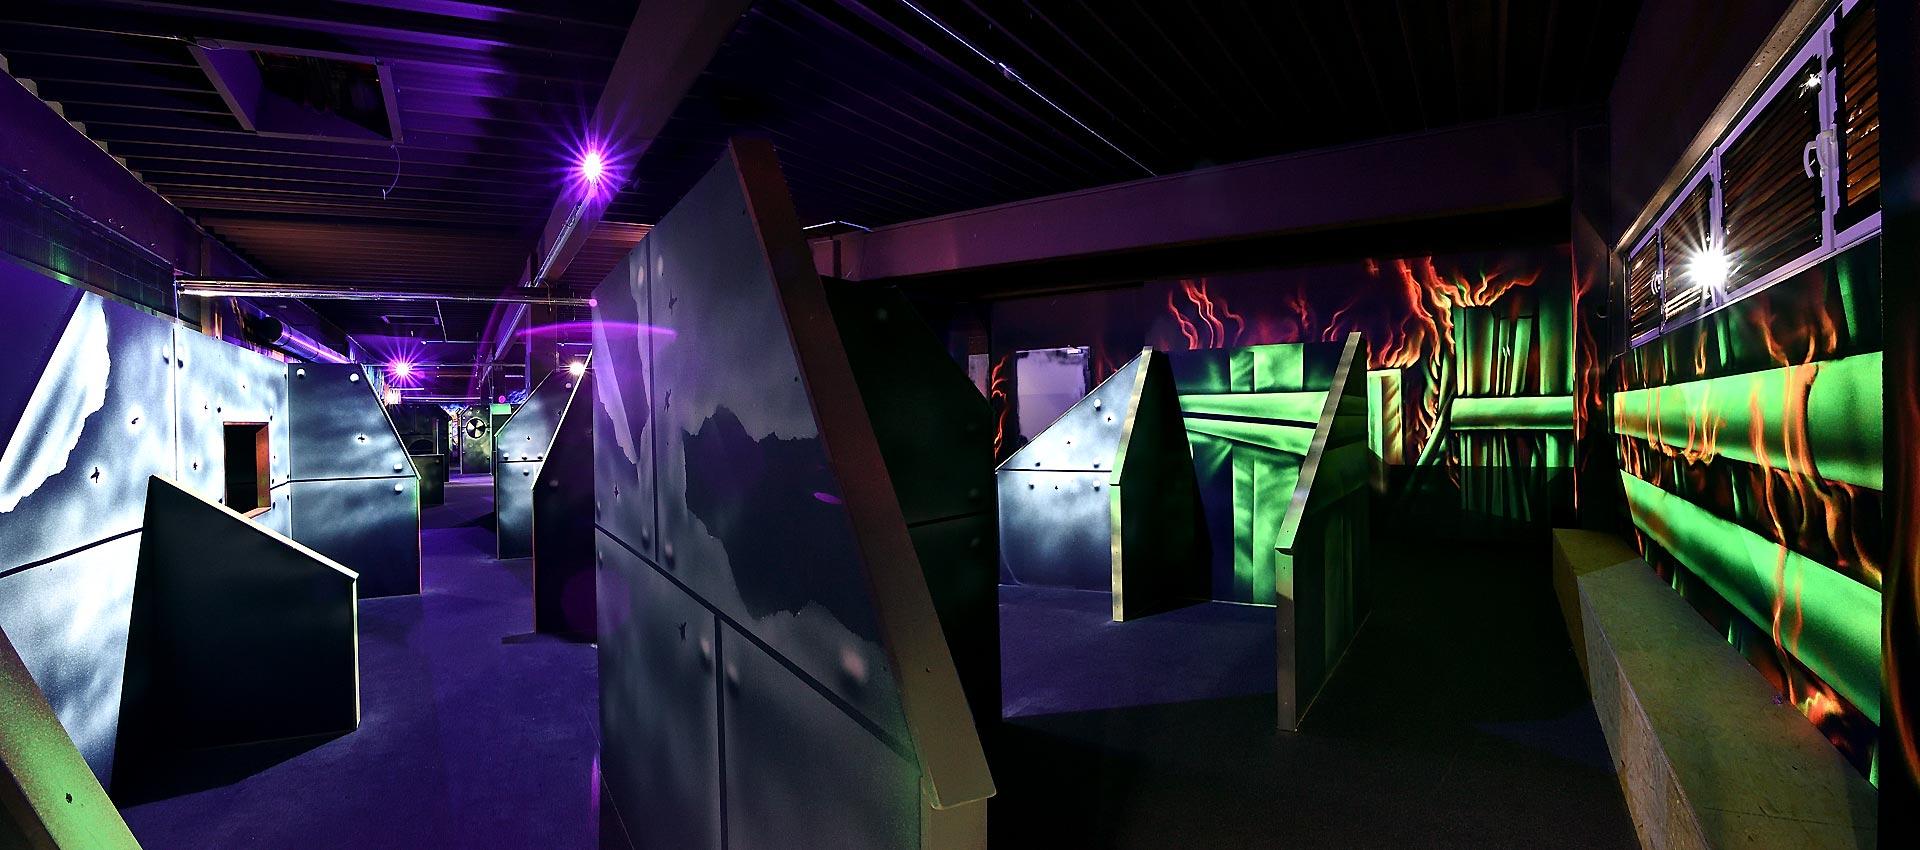 Lasertag, Schwarzlicht | Kunstarena.com